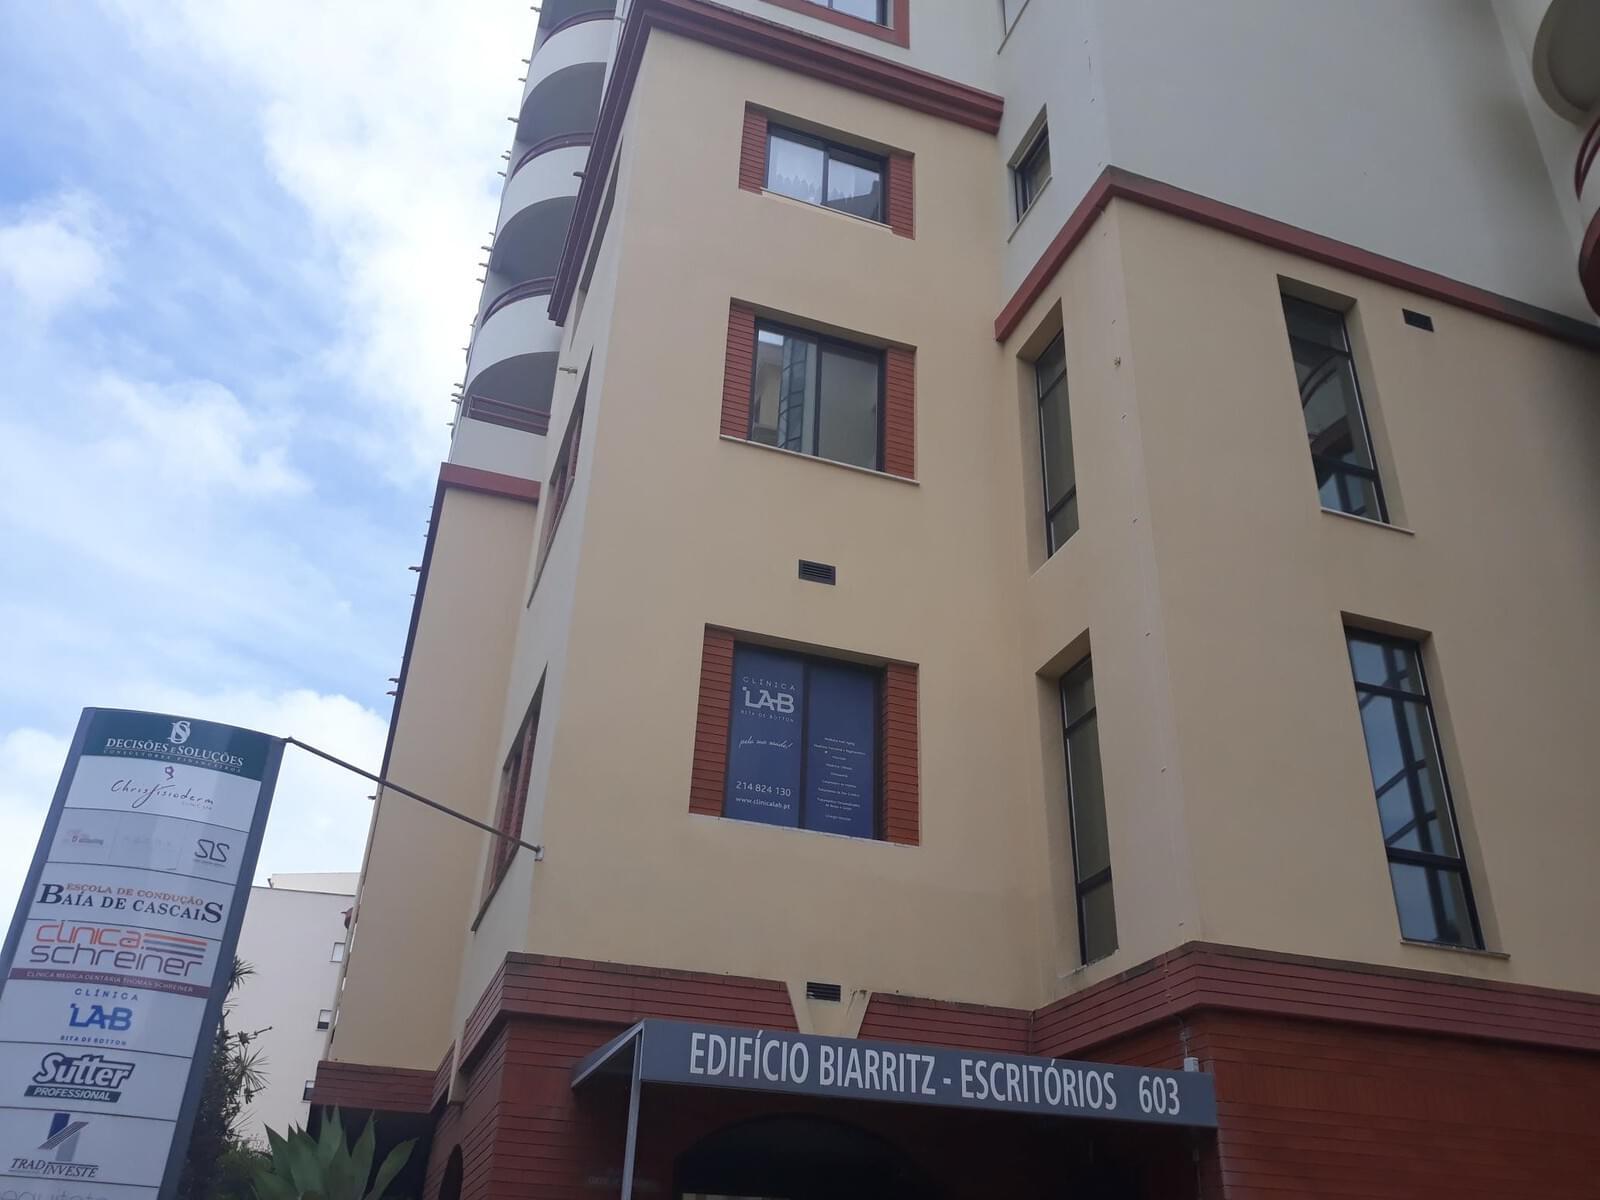 PF20103, Escritório, Cascais